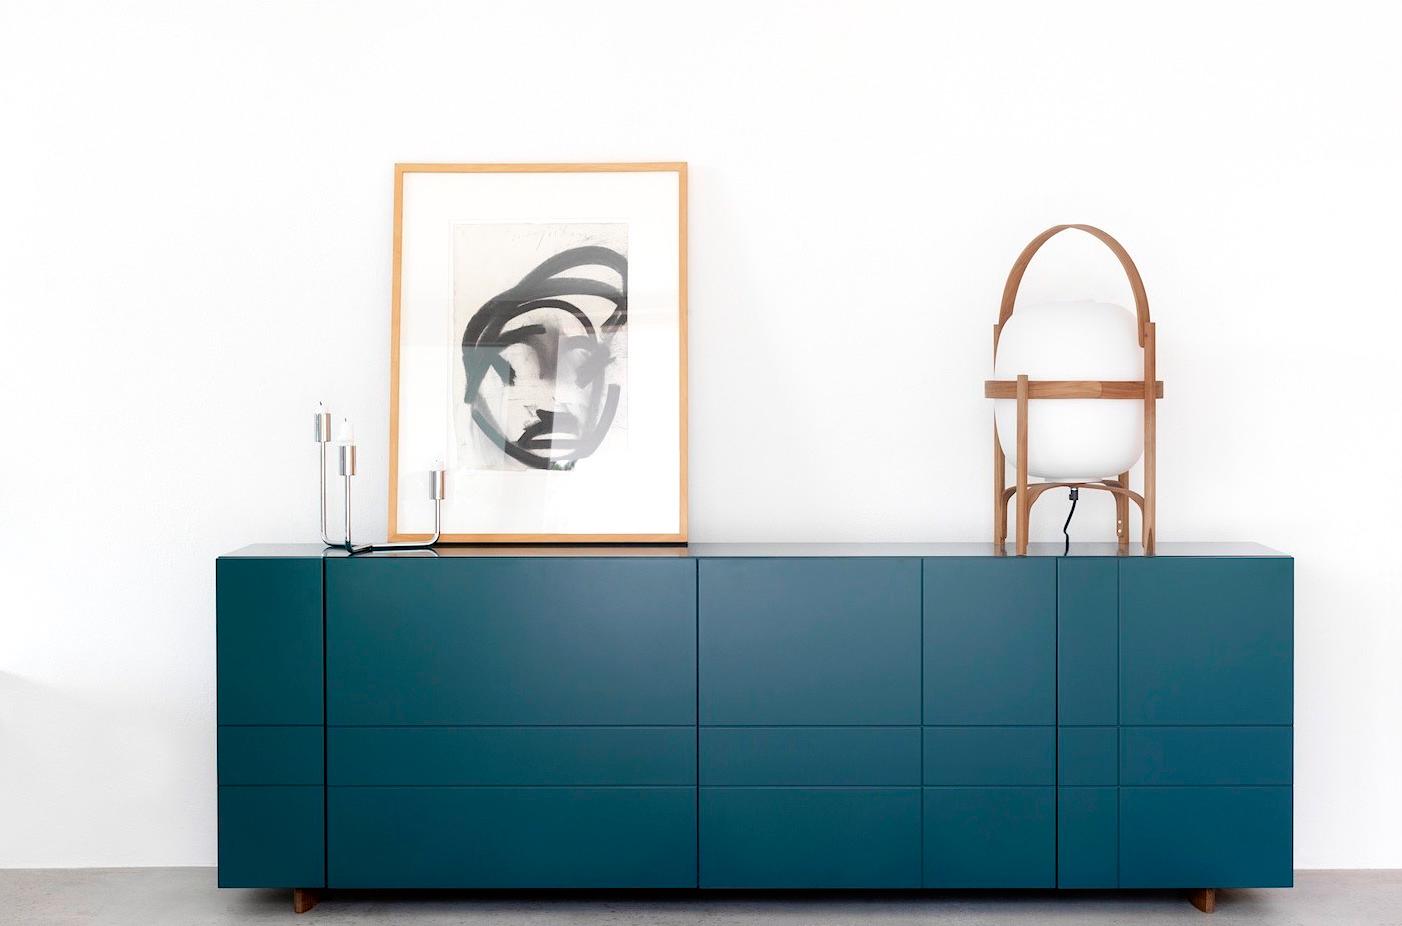 Kilt skjenk fra Asplund - fås i flere størrelser og farger.